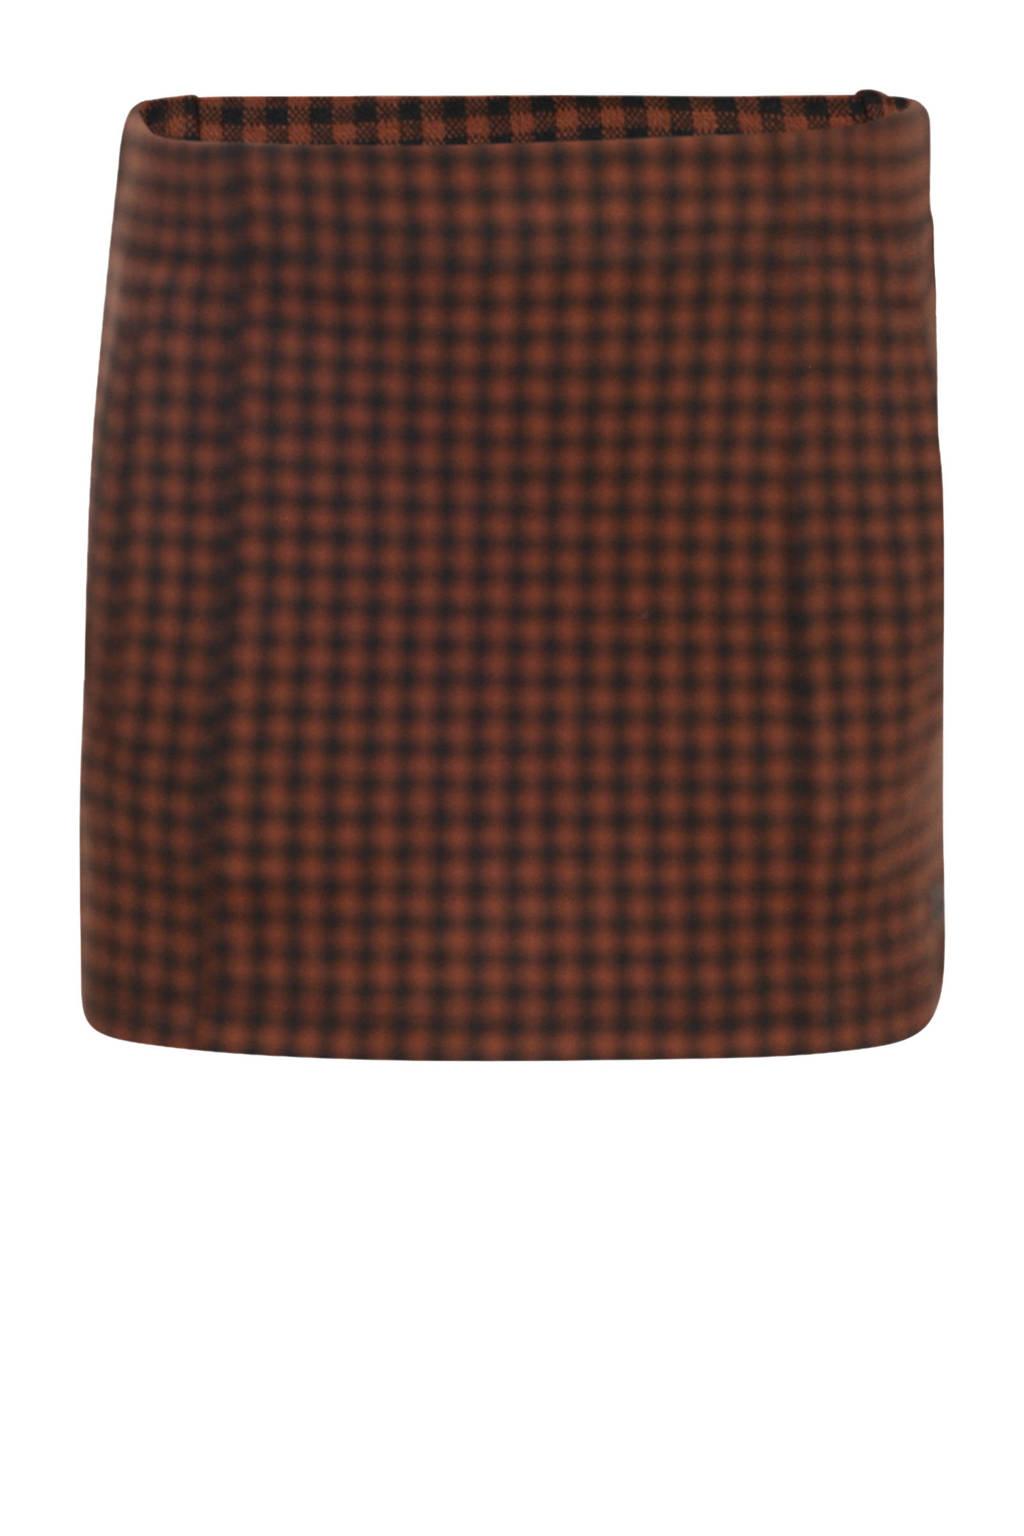 Jill geruite rok Mandy met contrastbies bruin/zwart, Bruin/zwart